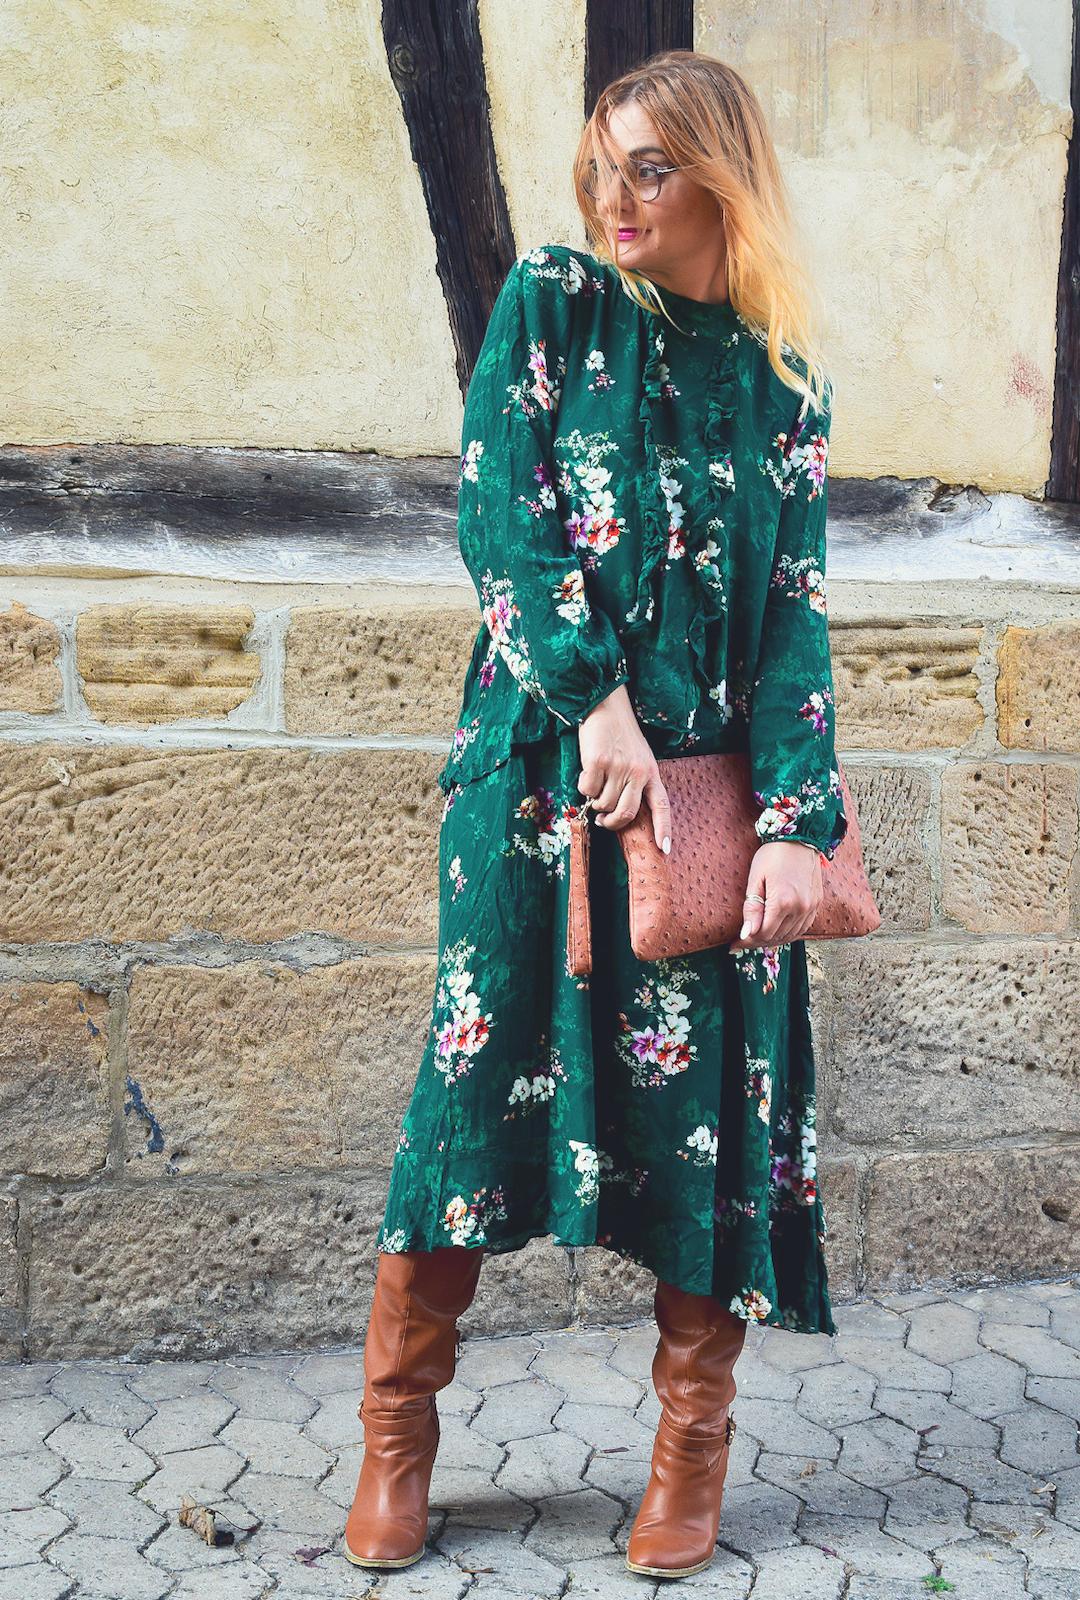 Herbstkleid für Frauen mit Blumenmuster, Grünes Kleid